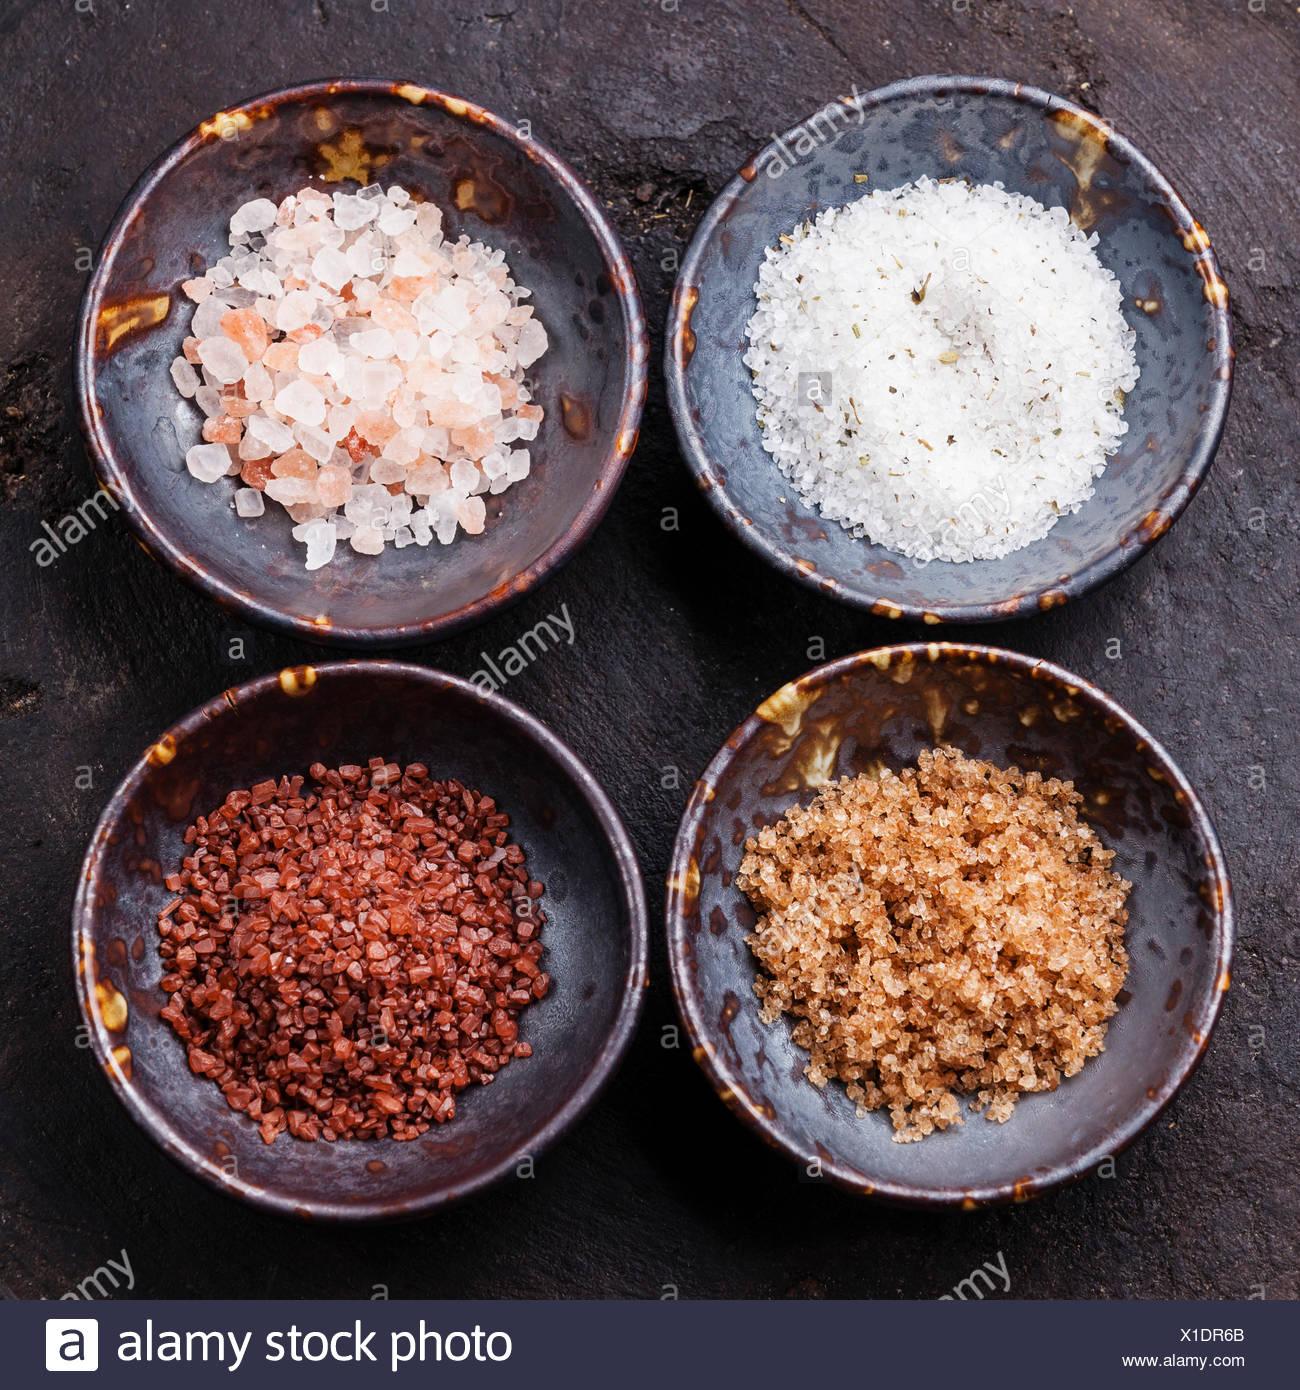 Los diferentes tipos de comida sal gruesa en cuencos de cerámica sobre fondo oscuro Imagen De Stock